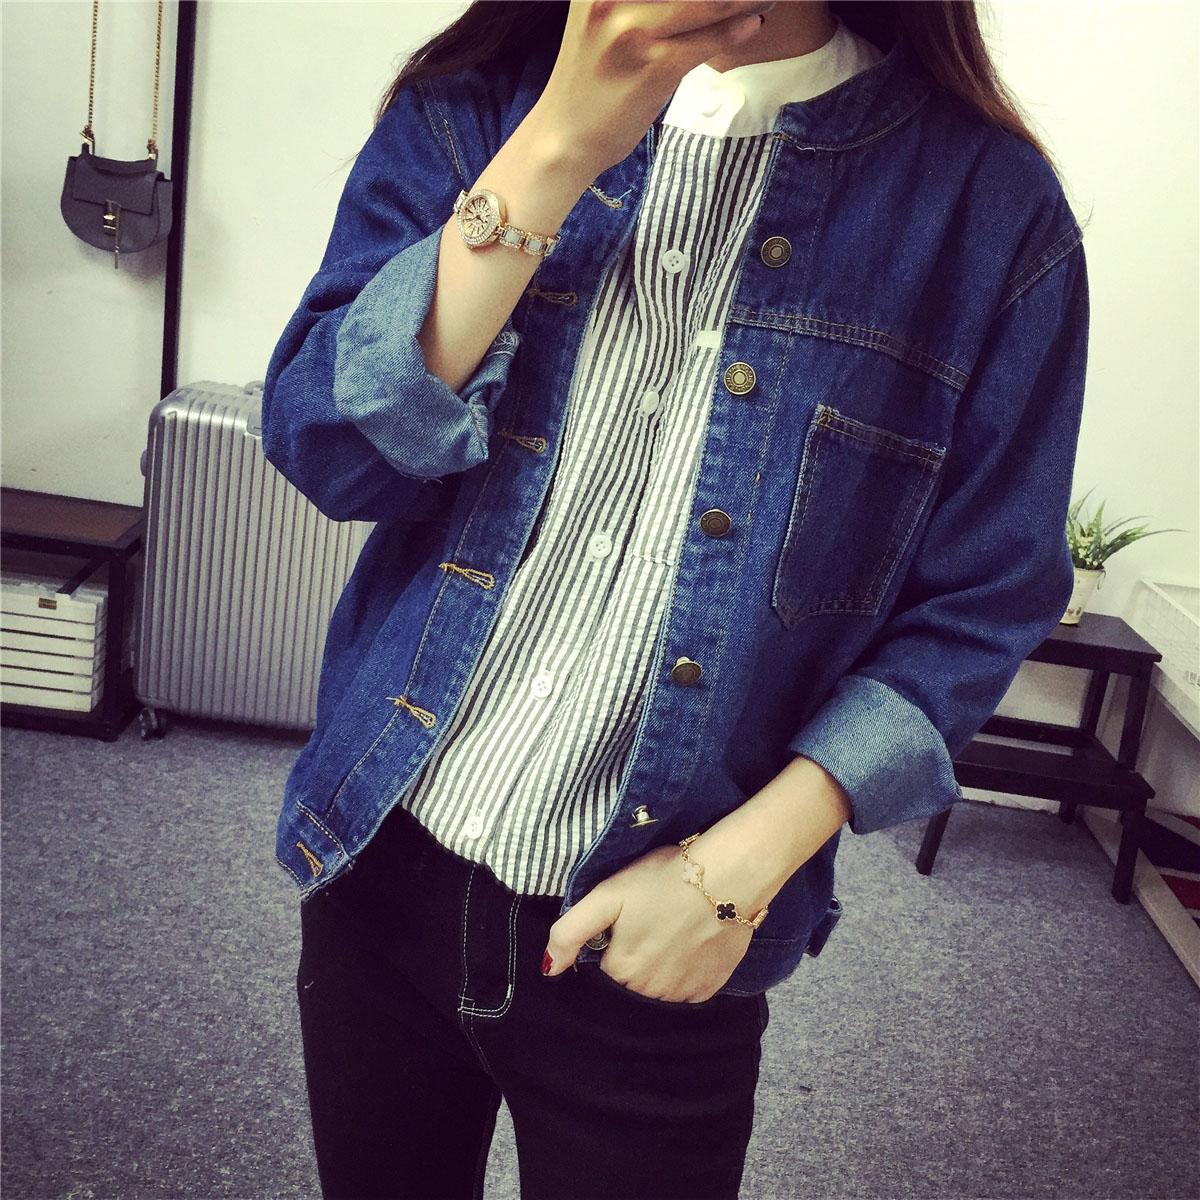 Тао Тао Весна одежда * 2016 новый простой и универсальный воротник карман случайные длинный рукав джинсовой ткани куртка для девочек